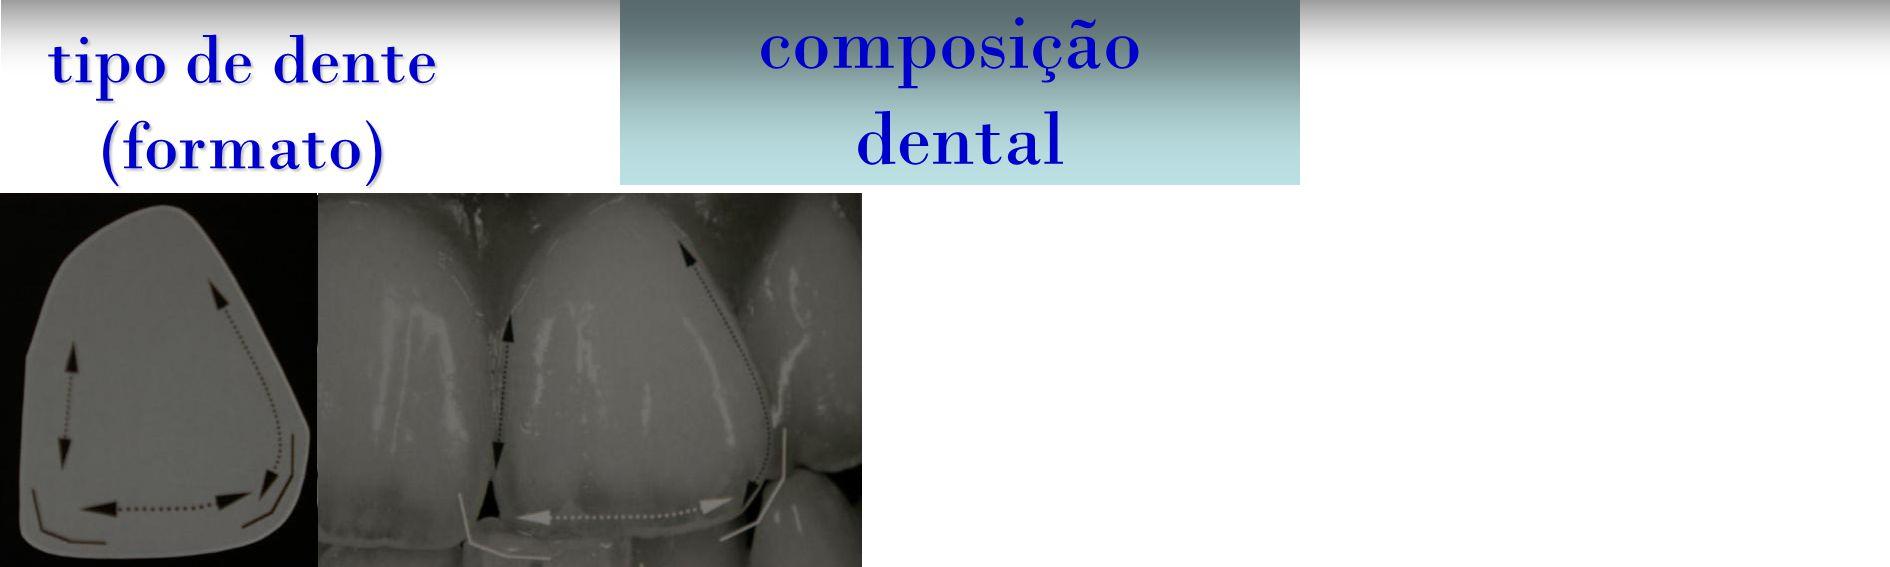 análise estética composição dental tipo de dente (formato)